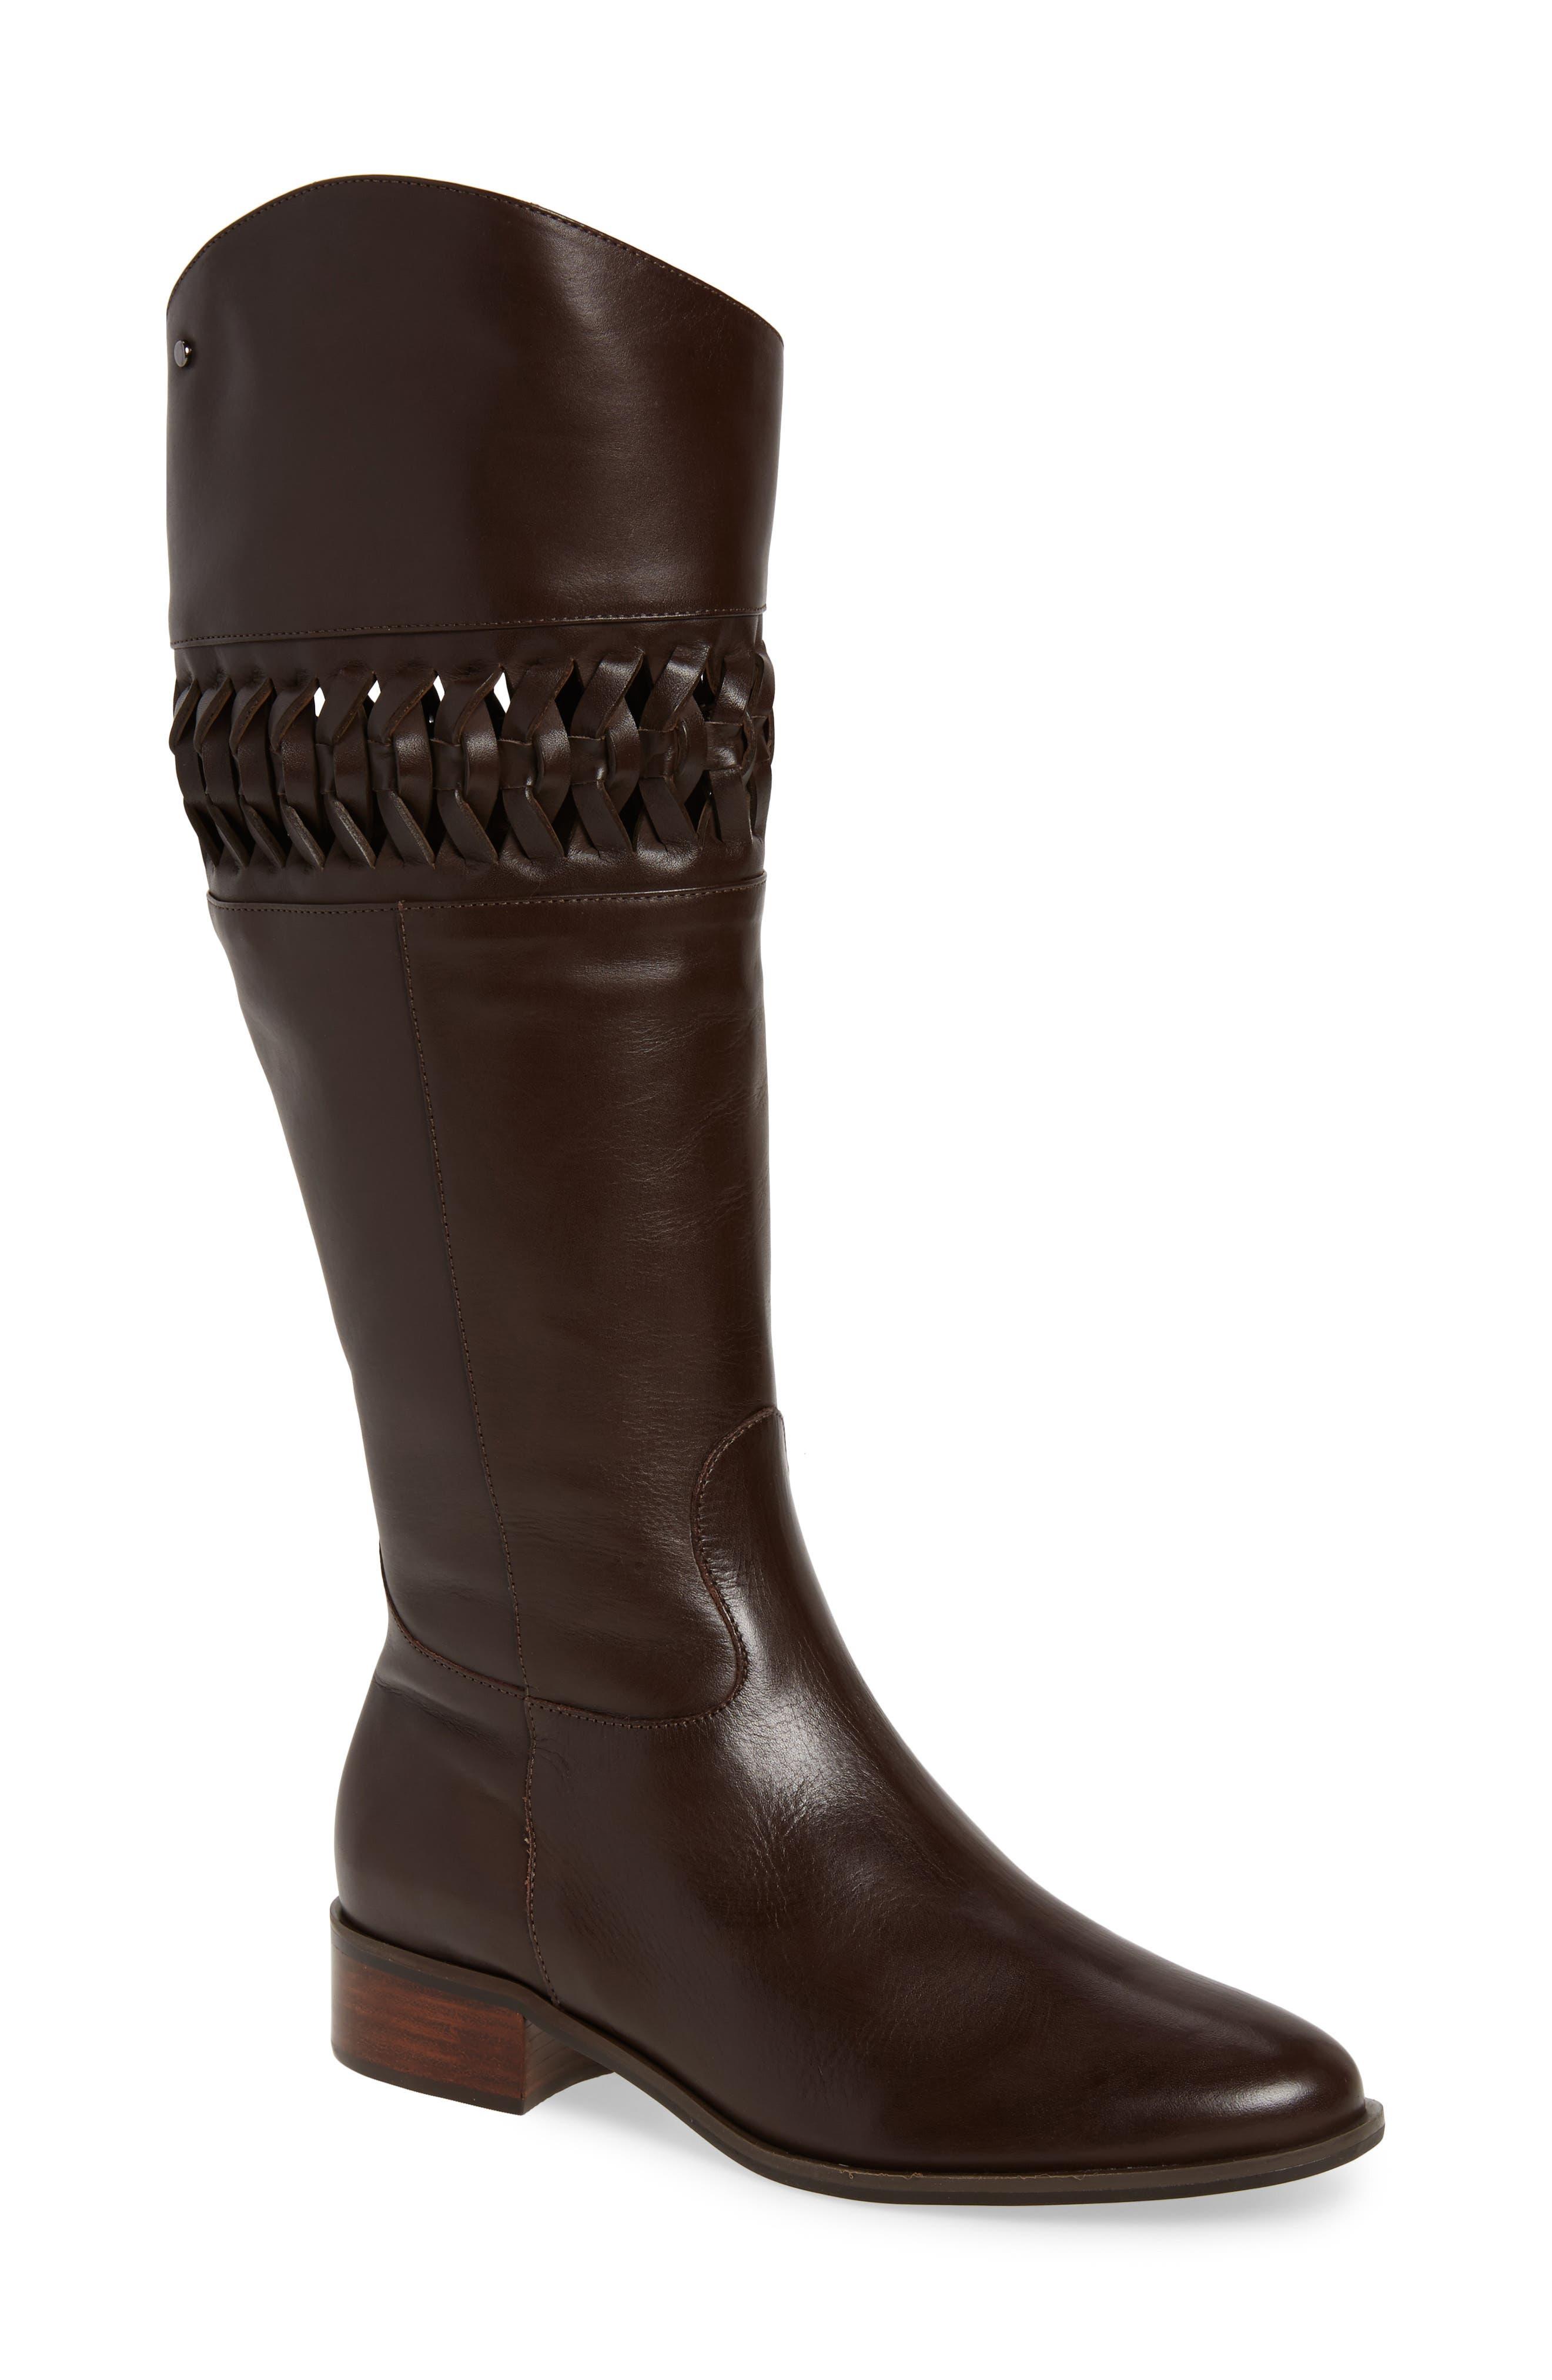 Zezette Woven Boot,                             Main thumbnail 1, color,                             Cafe Leather